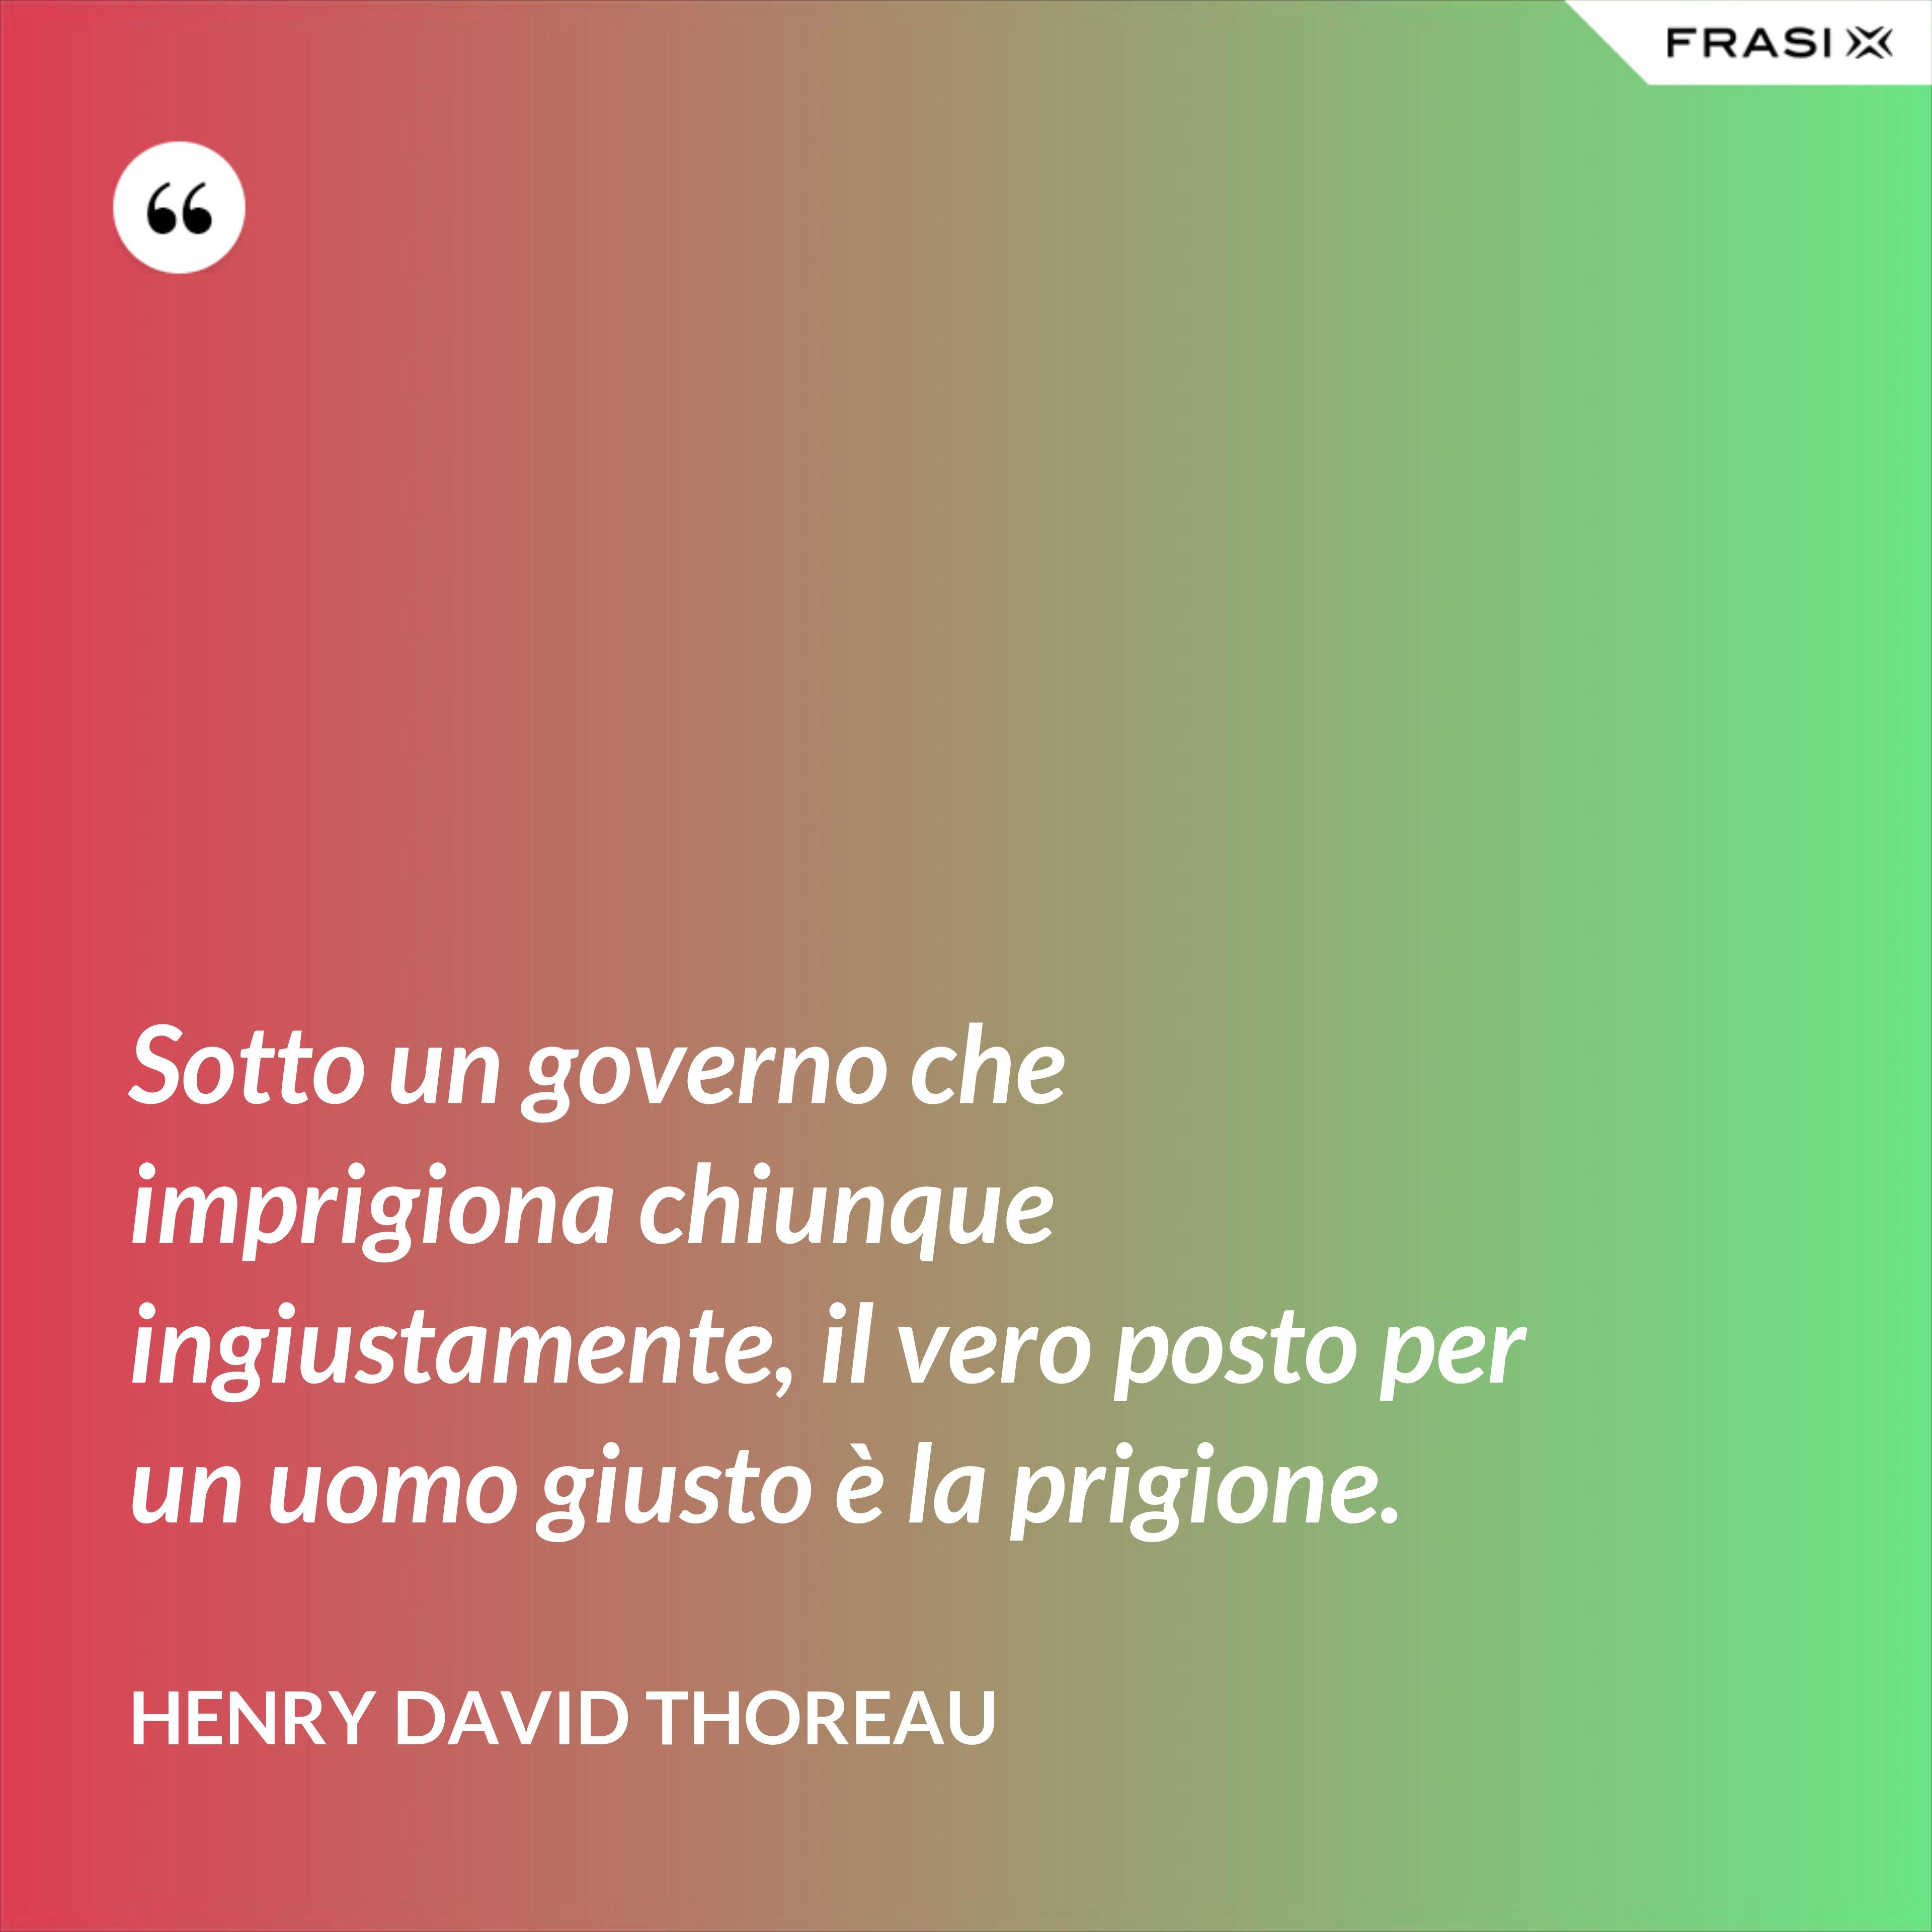 Sotto un governo che imprigiona chiunque ingiustamente, il vero posto per un uomo giusto è la prigione. - Henry David Thoreau